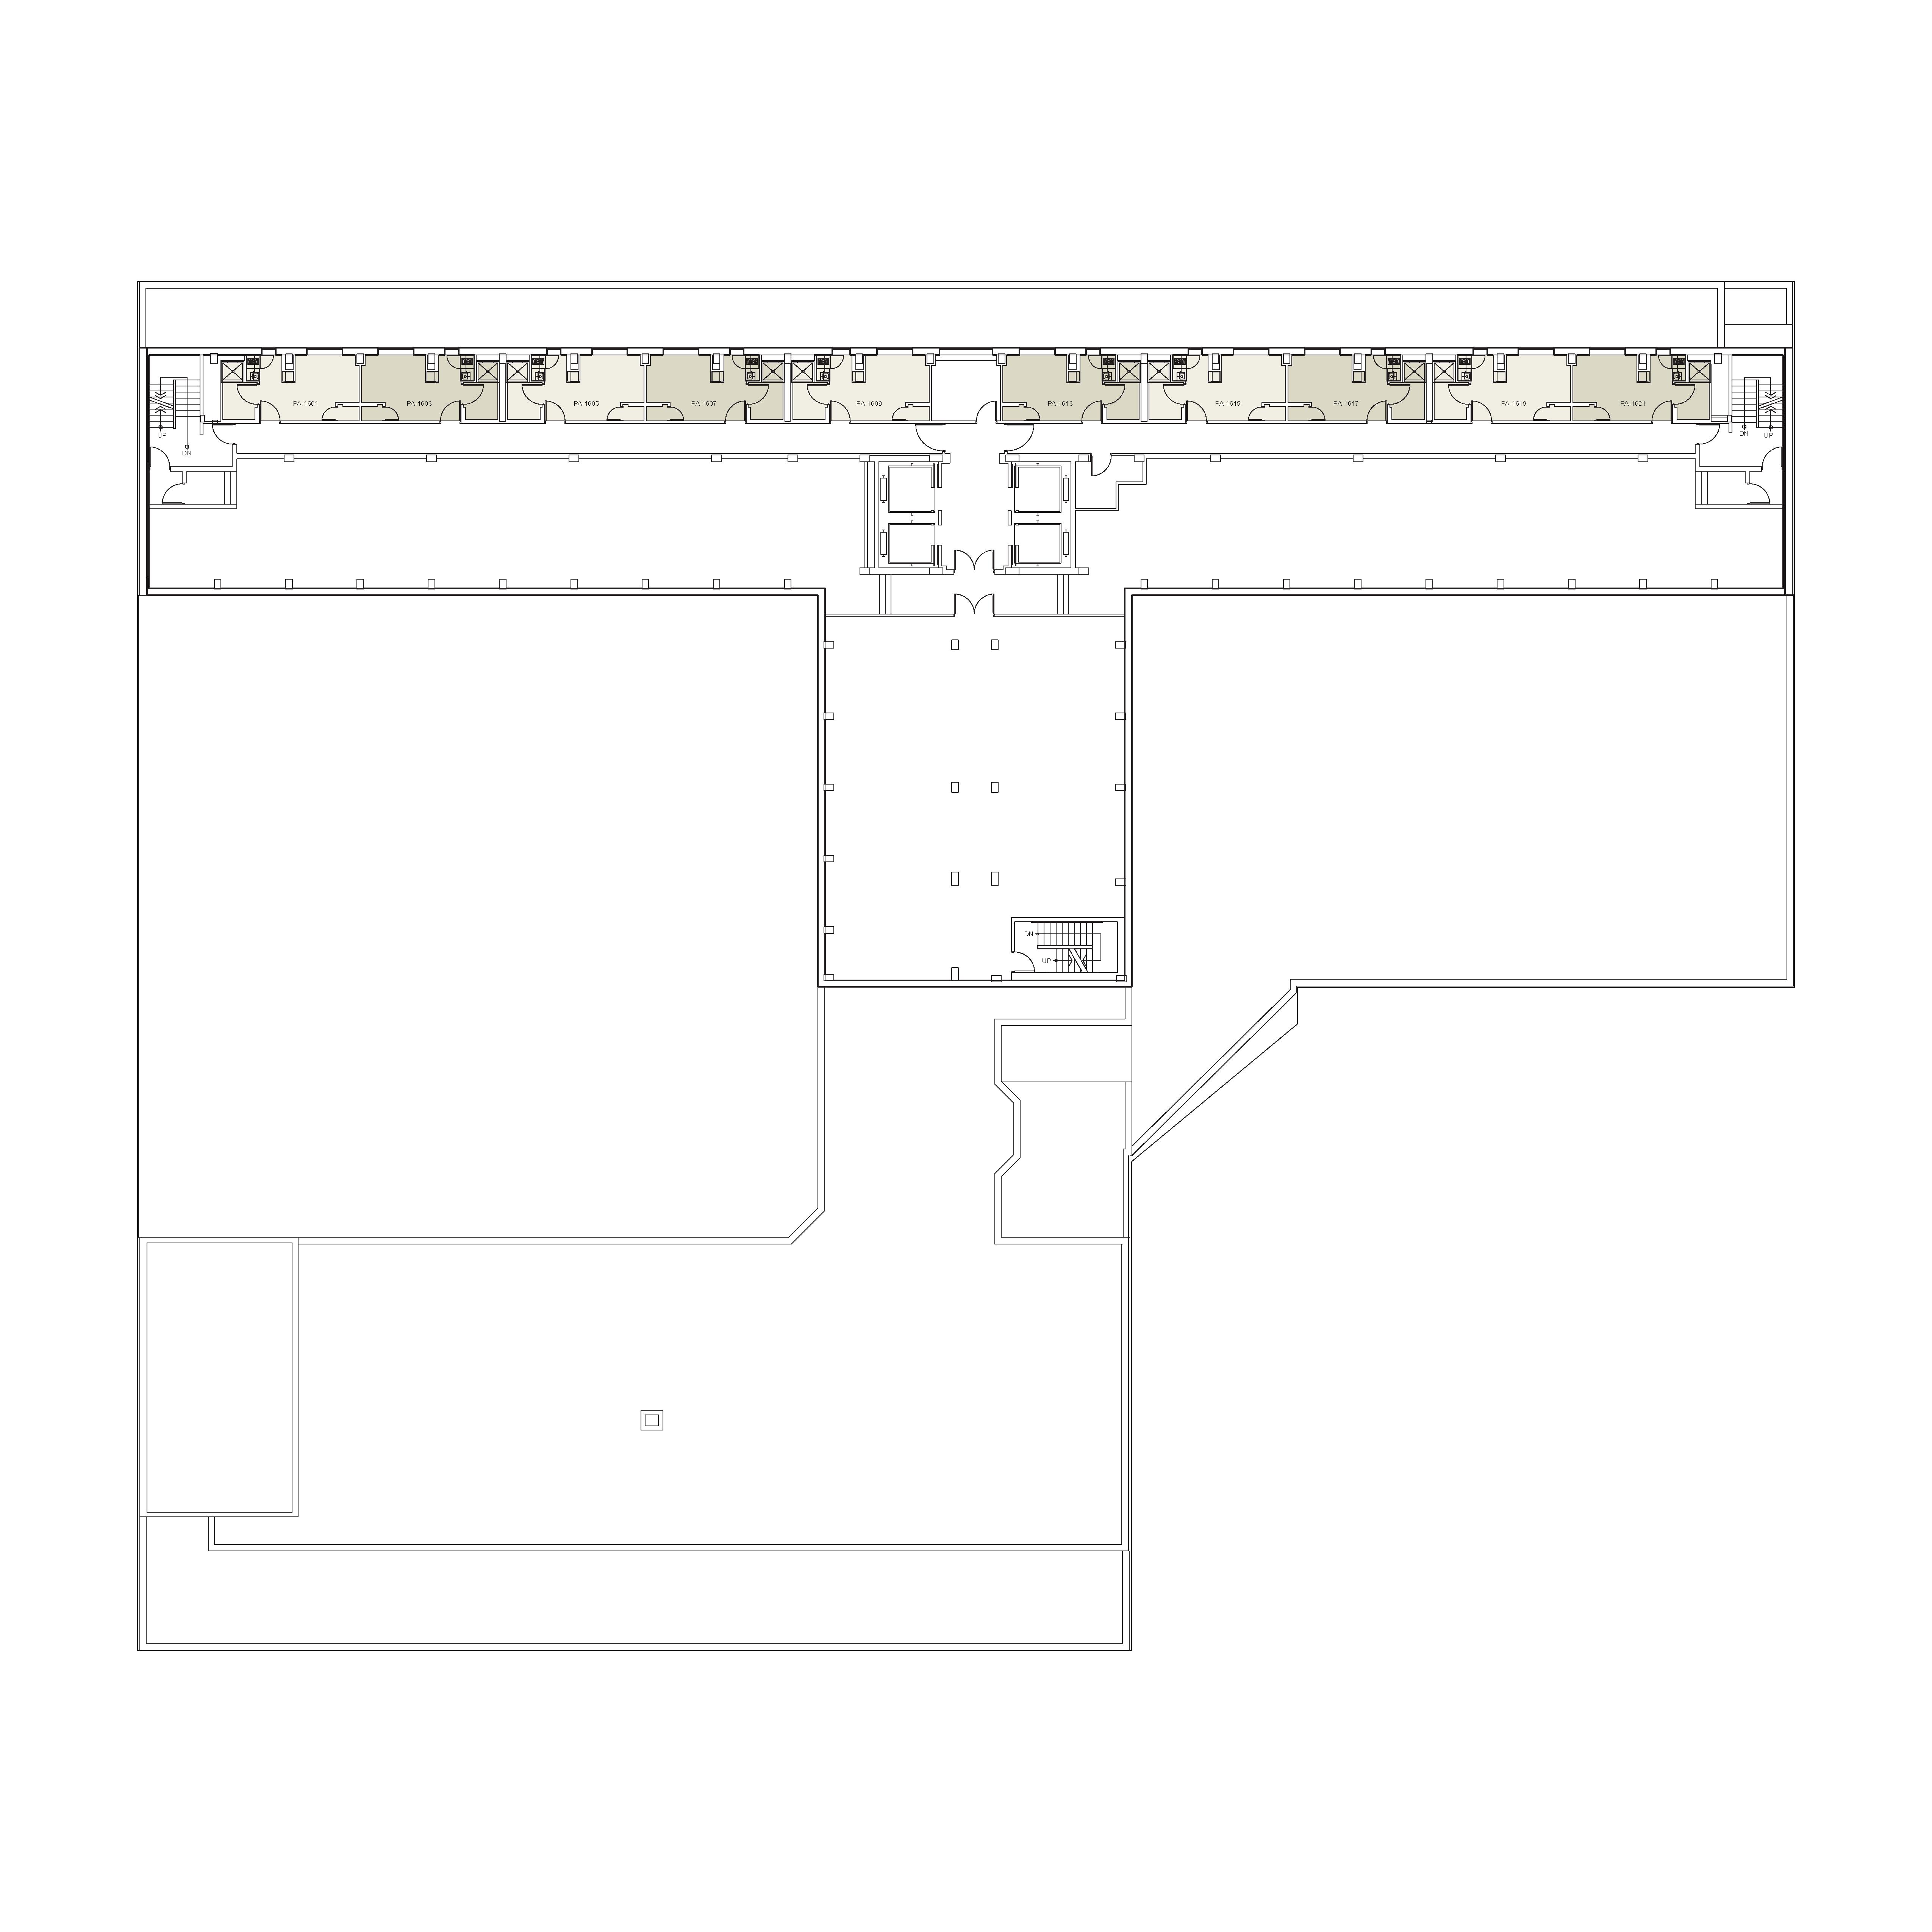 Floor plan for Palladium Floor 16